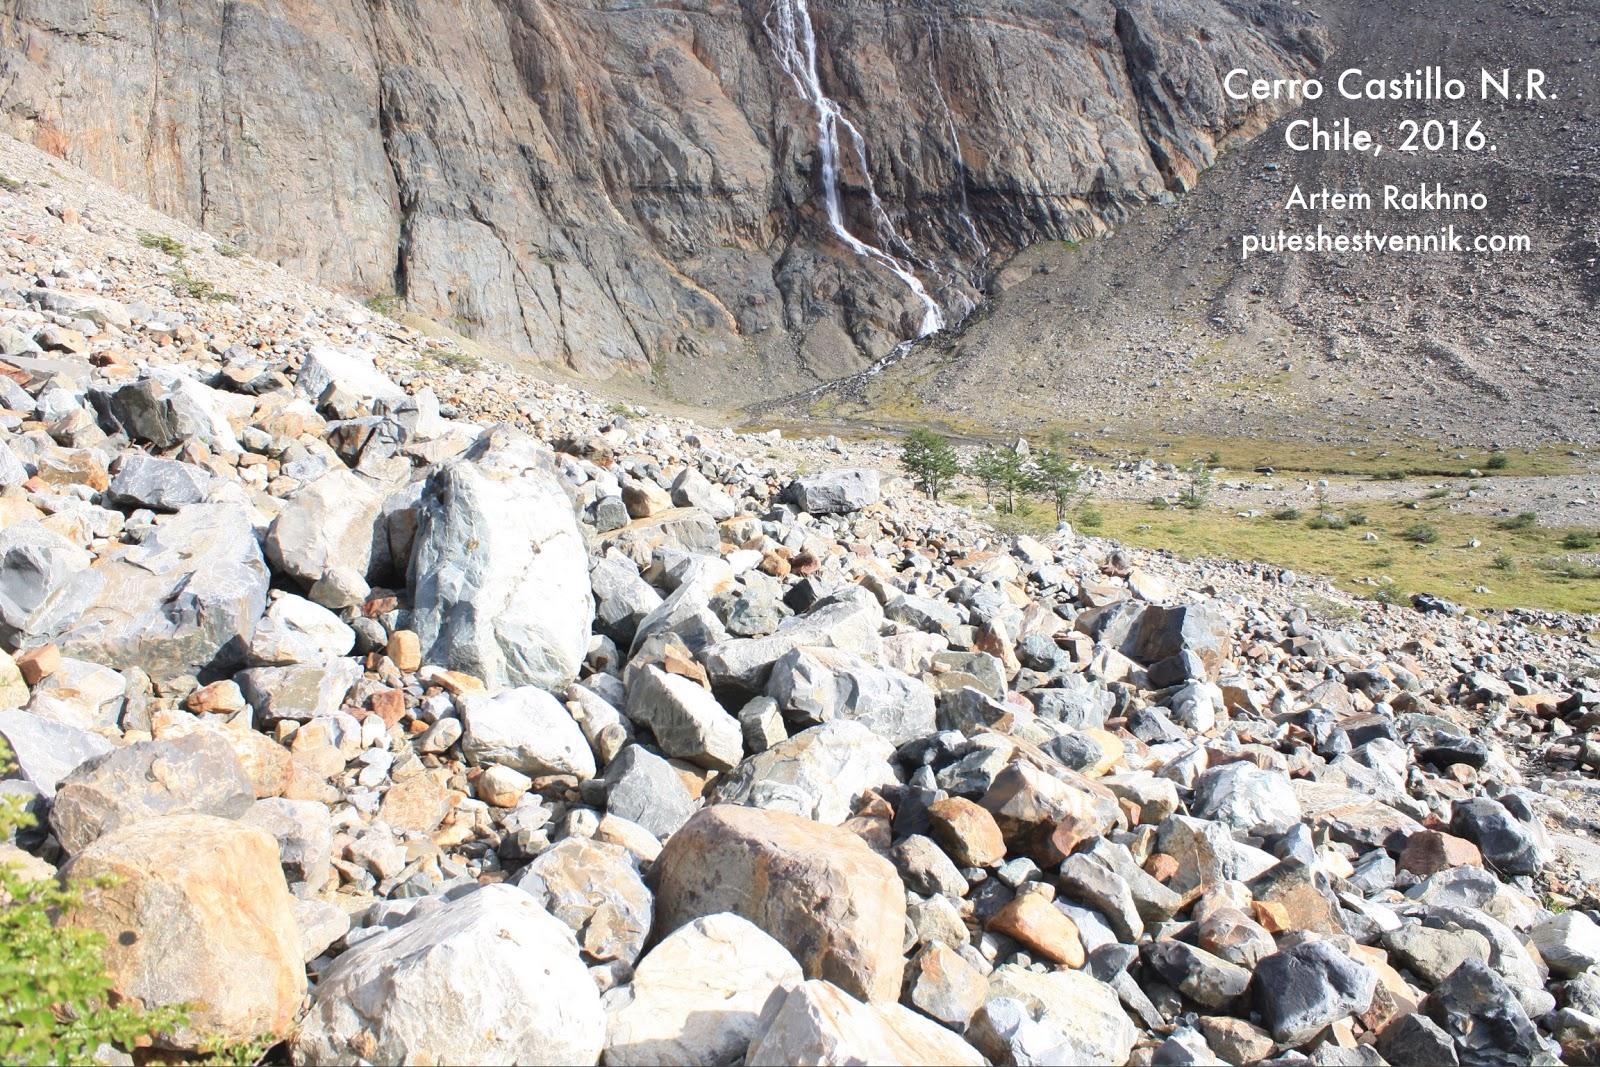 Скала с водным потоком и камни